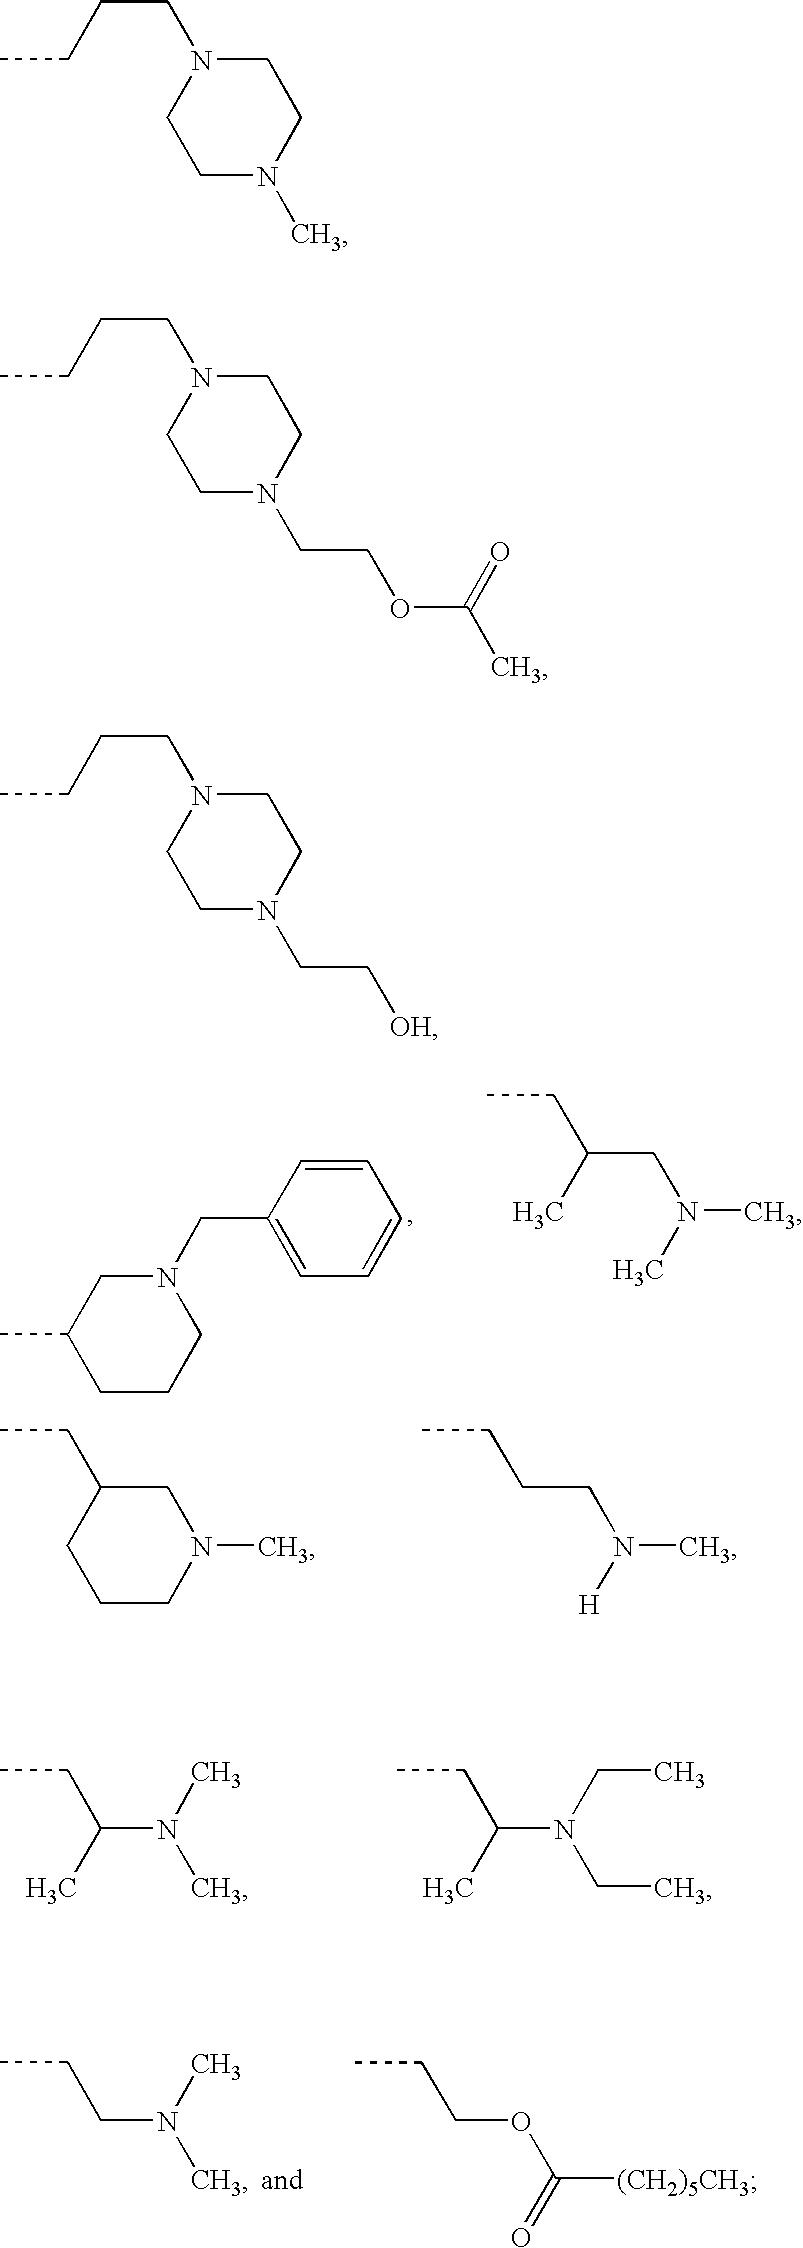 Figure US20070299043A1-20071227-C00201